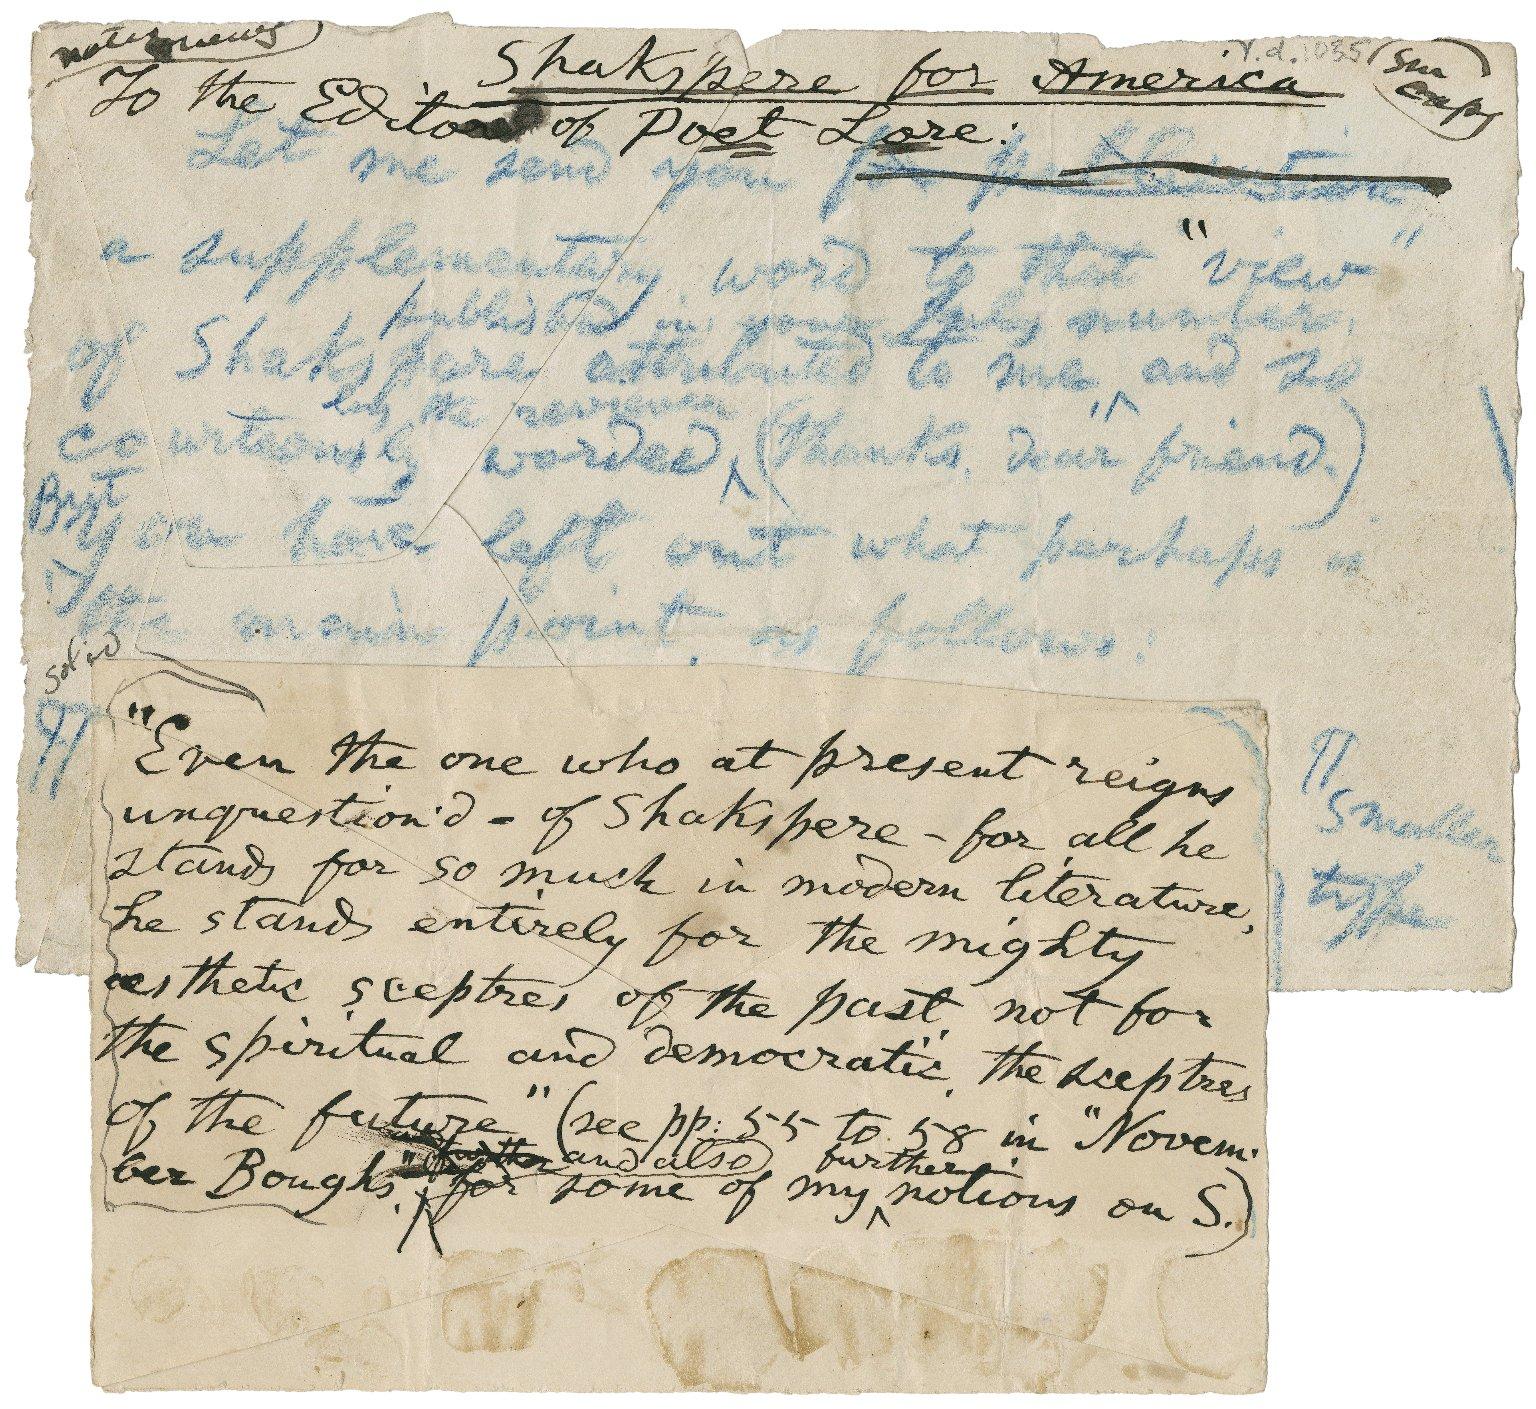 Shakspere for America [manuscript], 1890.